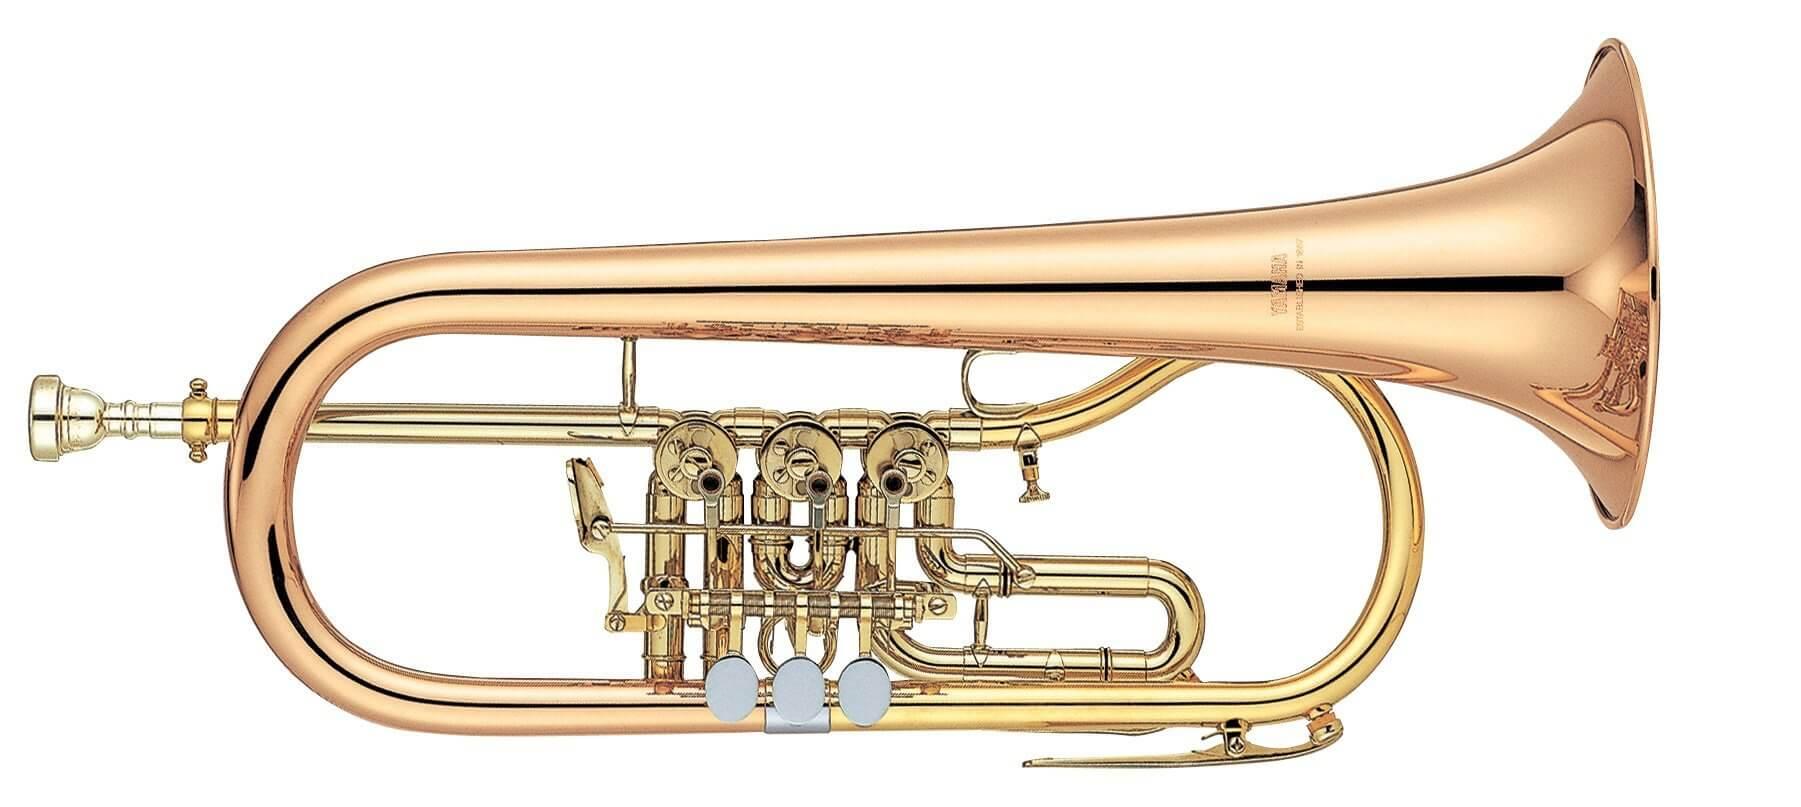 Fliscorno De Cilindros Yamaha YFH-436G Lacado